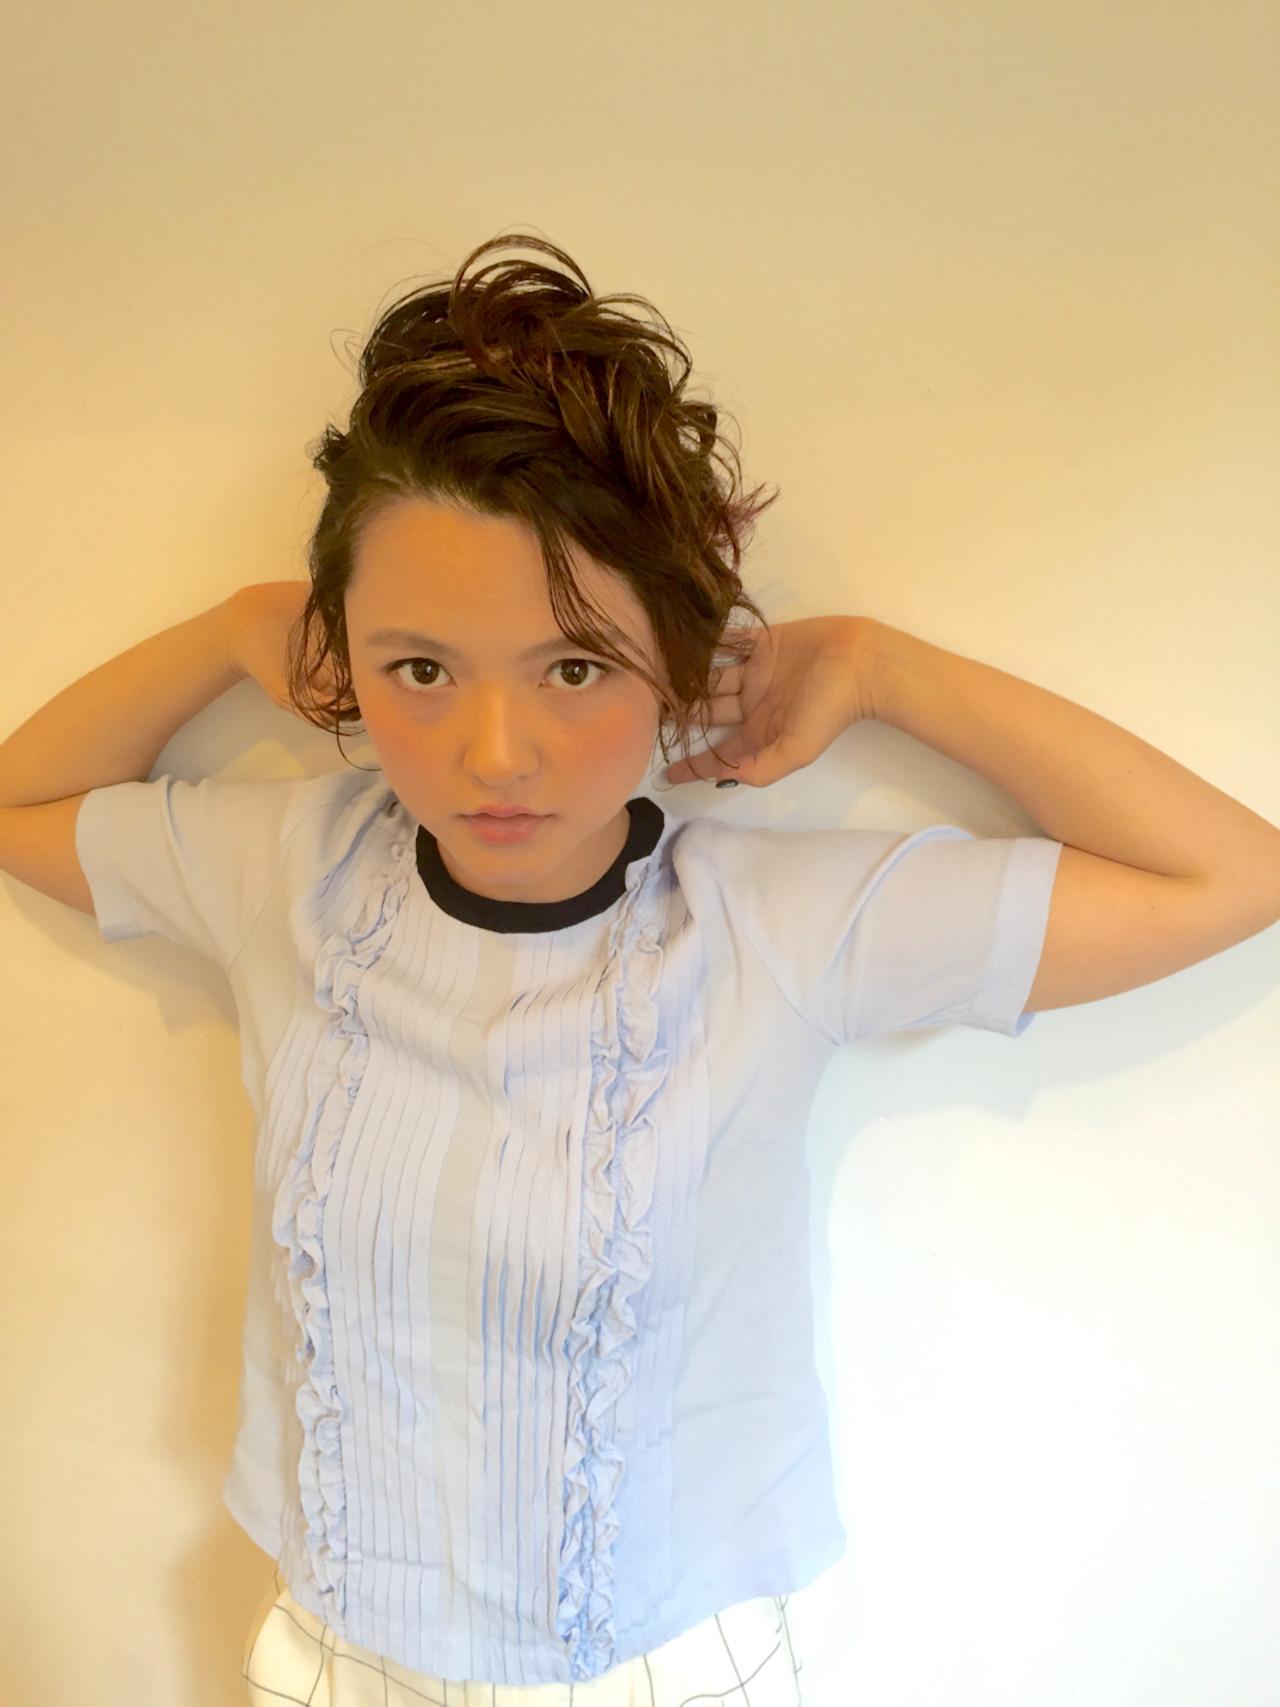 ヘアアレンジ ガーリー ウェットヘア ショート ヘアスタイルや髪型の写真・画像